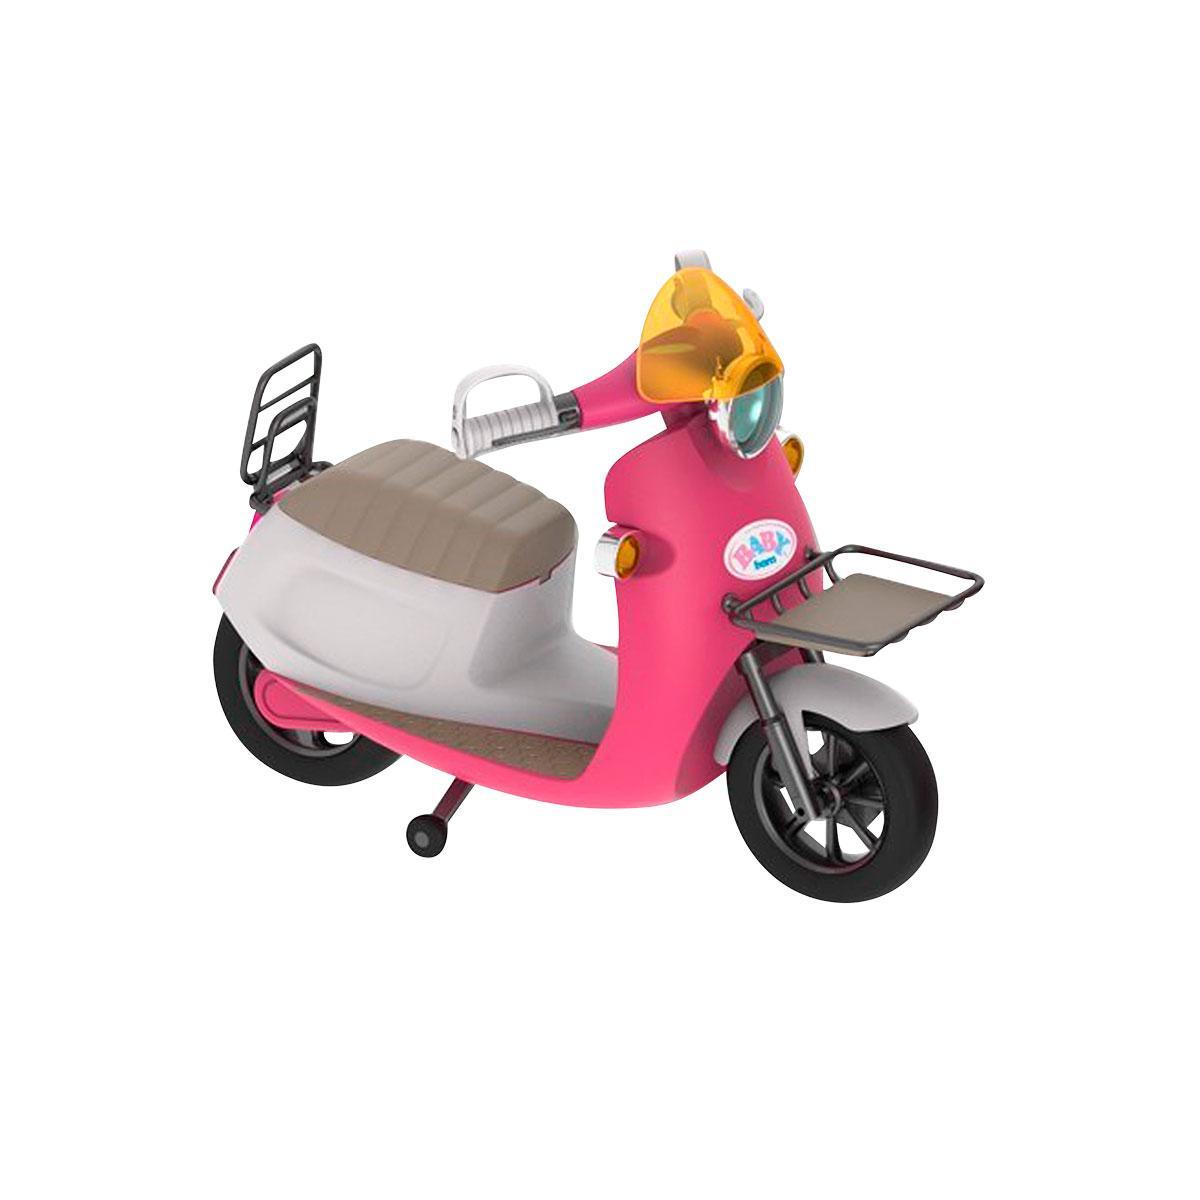 Радиоуправляемый скутер Zapf для куклы Baby Born (824771)